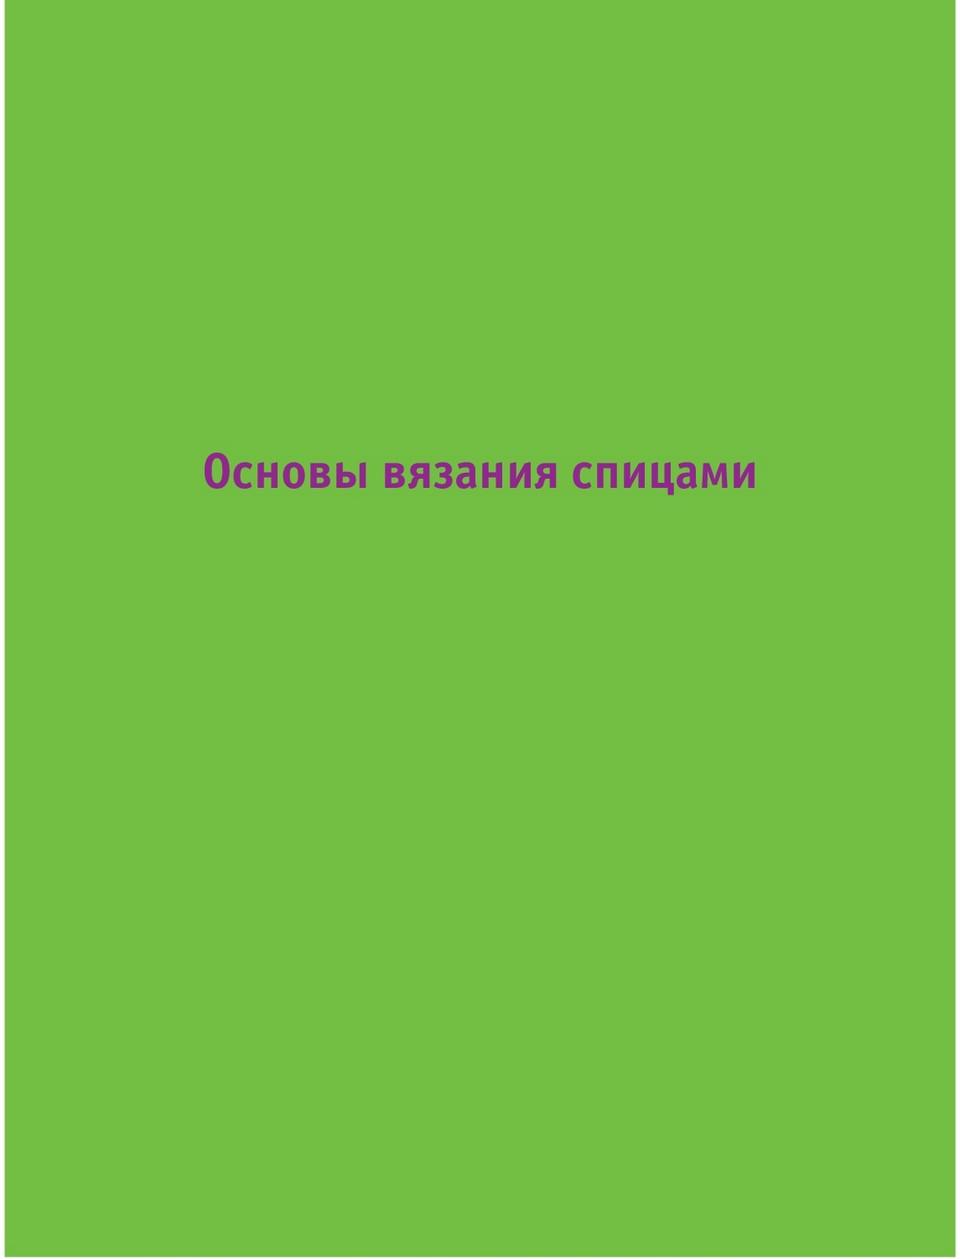 bibliya-vyazaniya-kruchkom-i-spicam-148